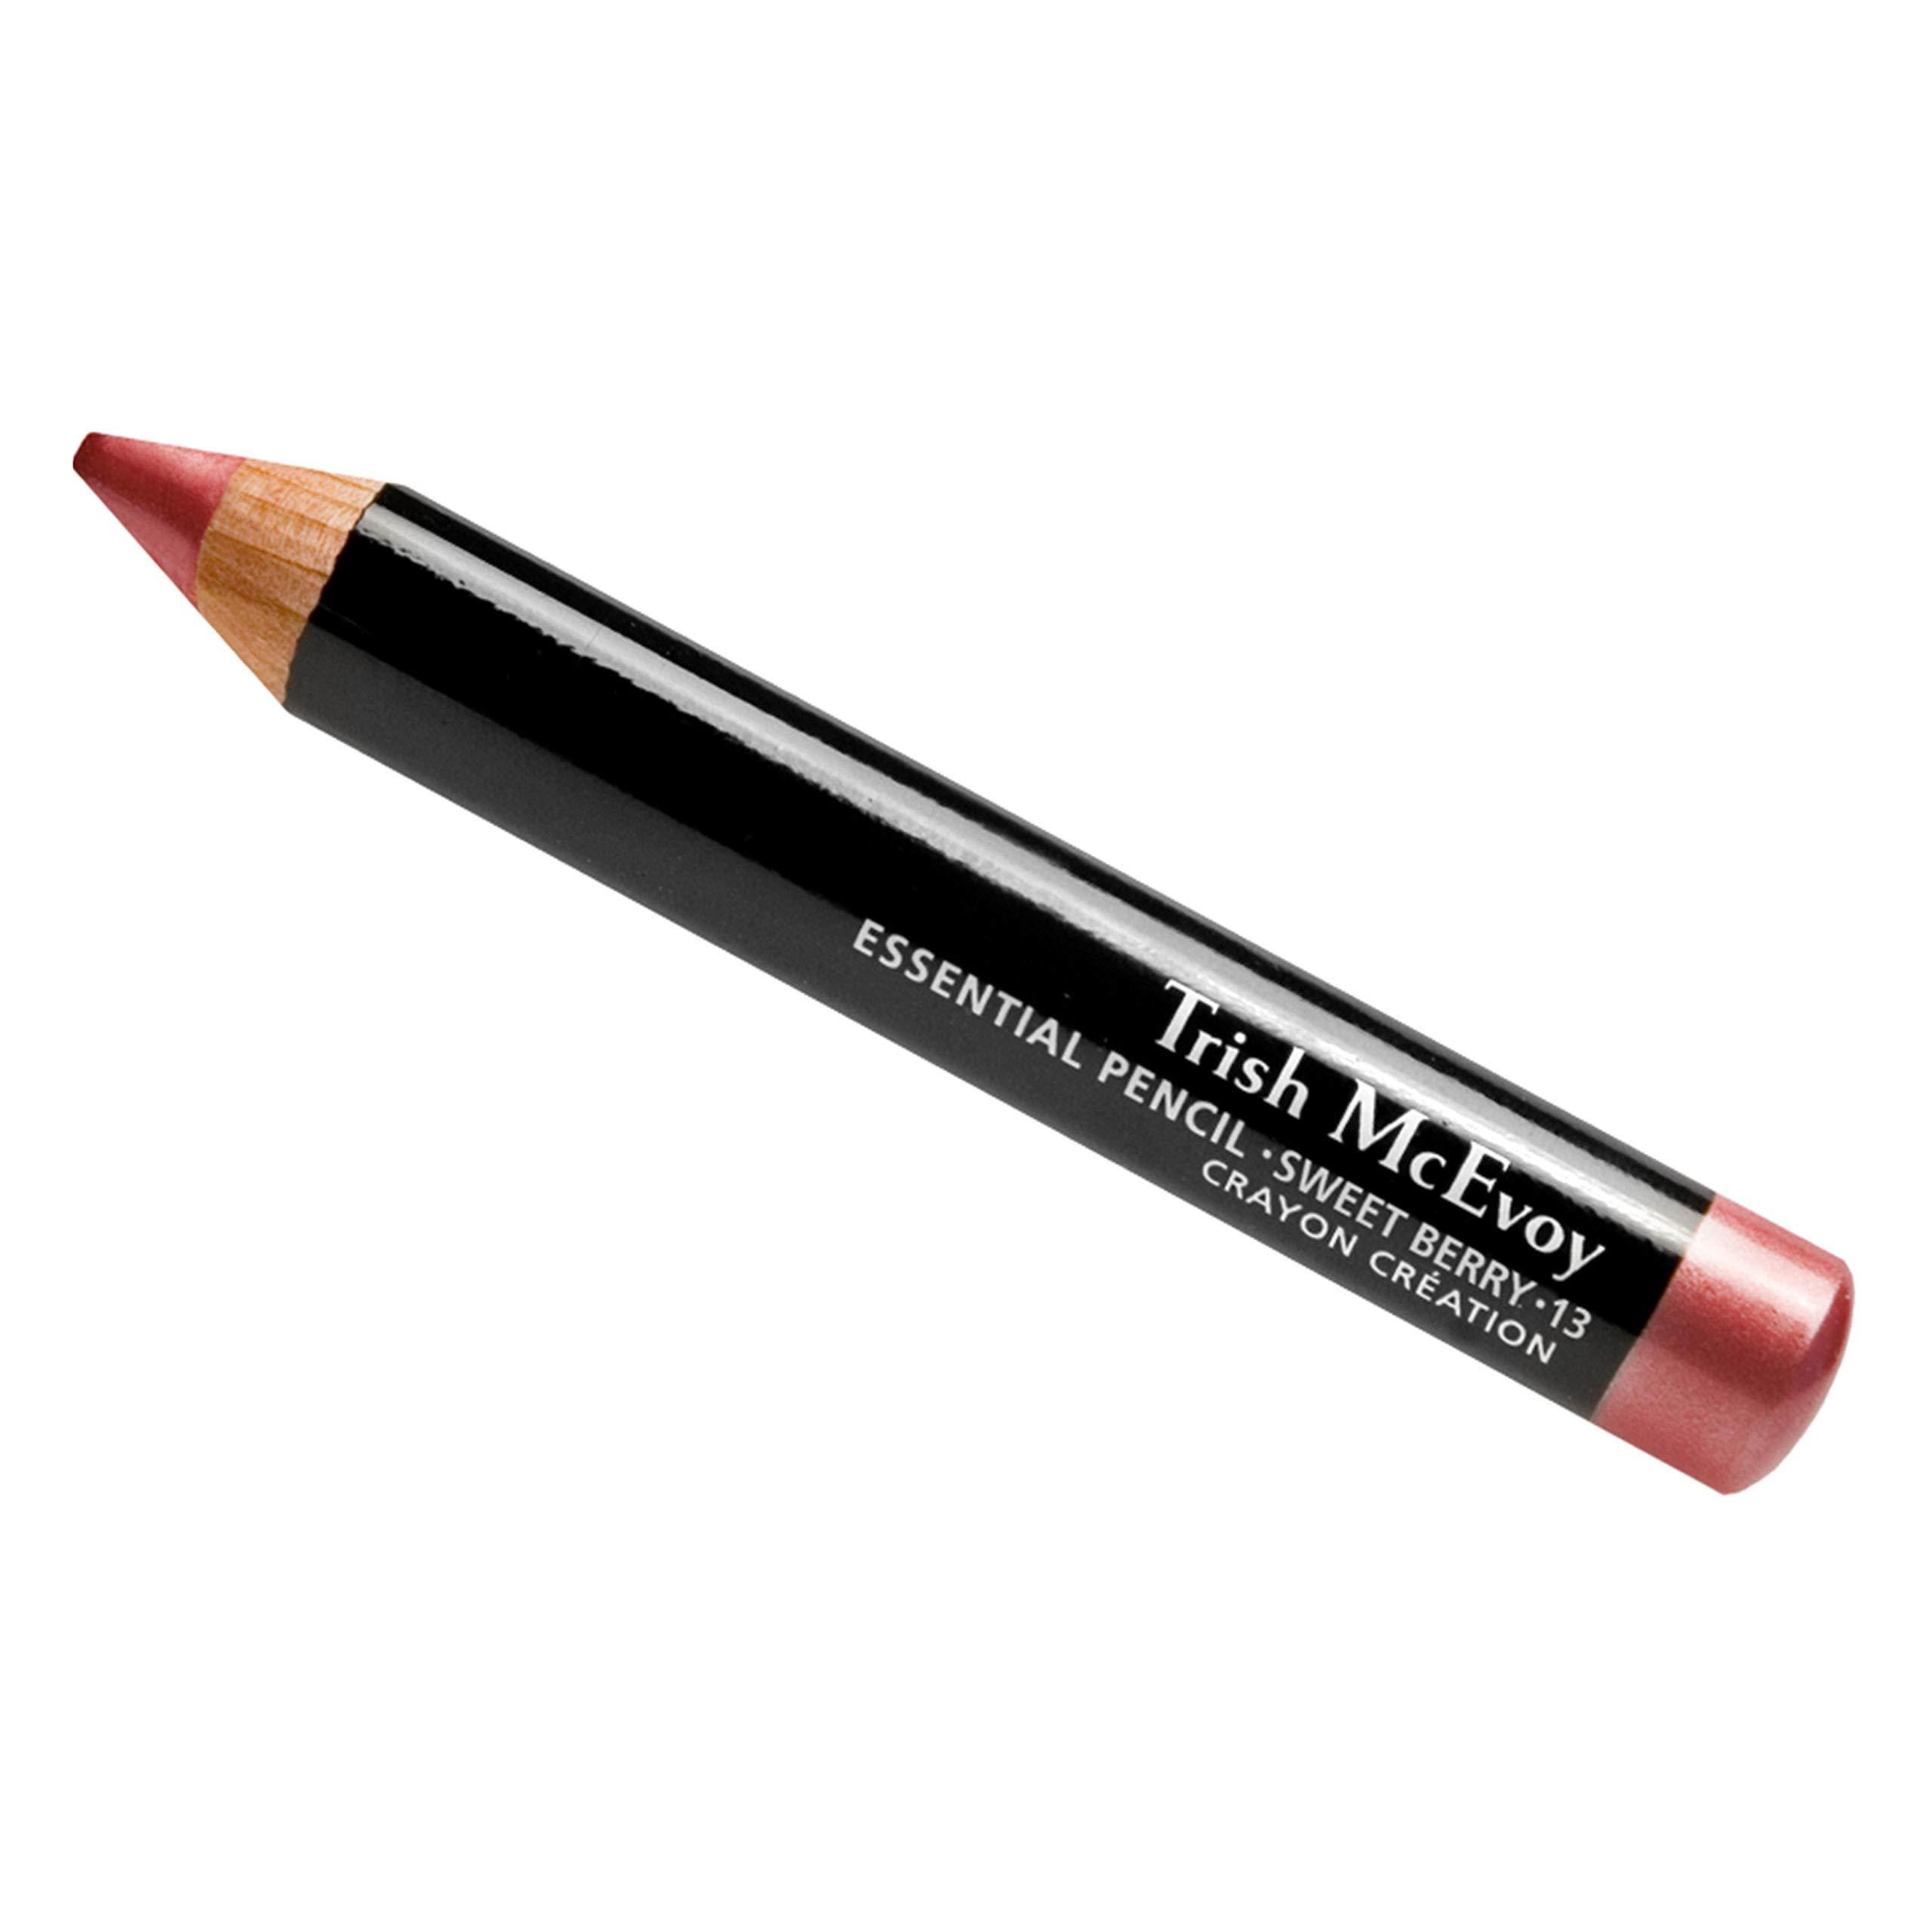 Trish McEvoy Multi-Function Essential Lip Pencil - Sweet Berry (1.44g) by Trish McEvoy by Trish McEvoy